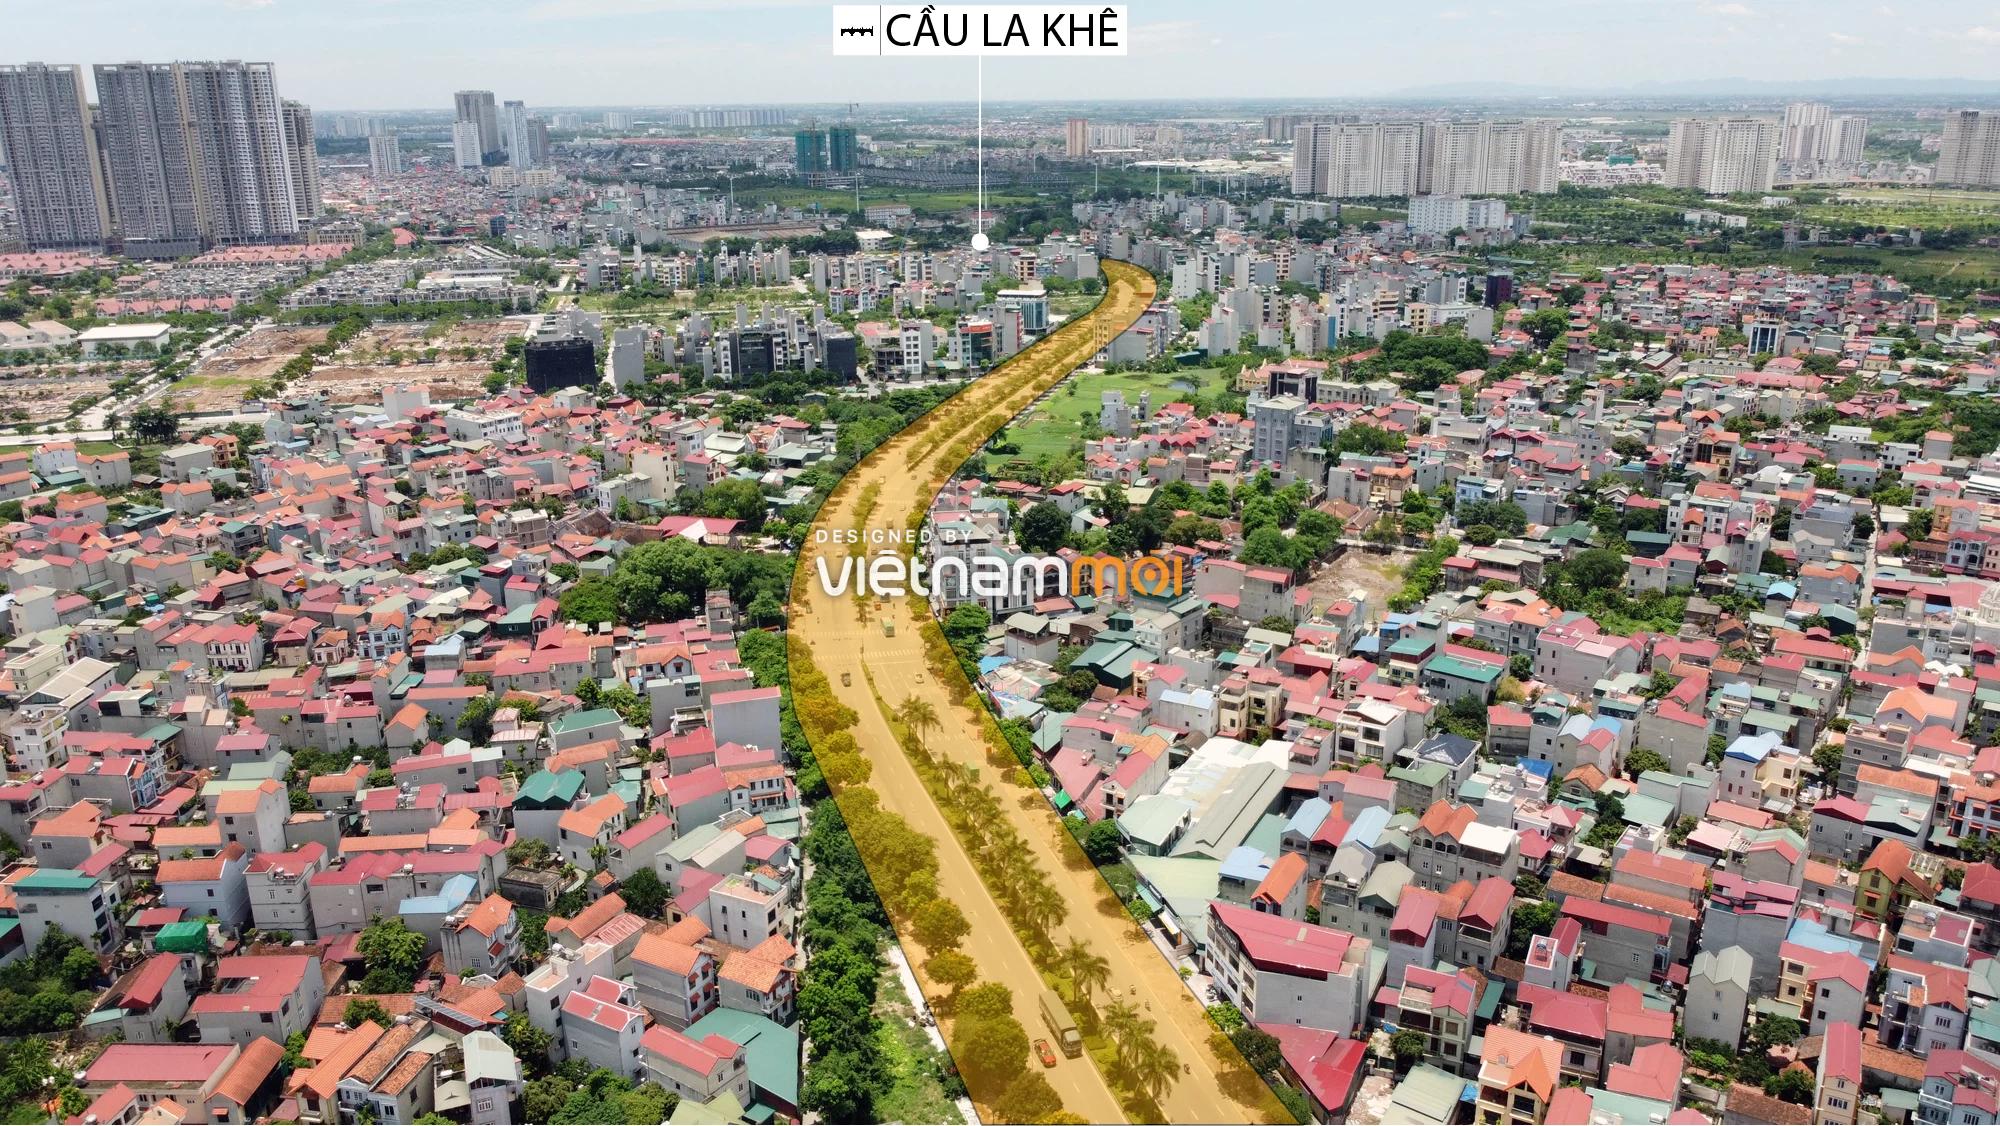 Đường Vành đai 3,5 sẽ mở theo quy hoạch qua quận Hà Đông, Hà Nội - Ảnh 4.